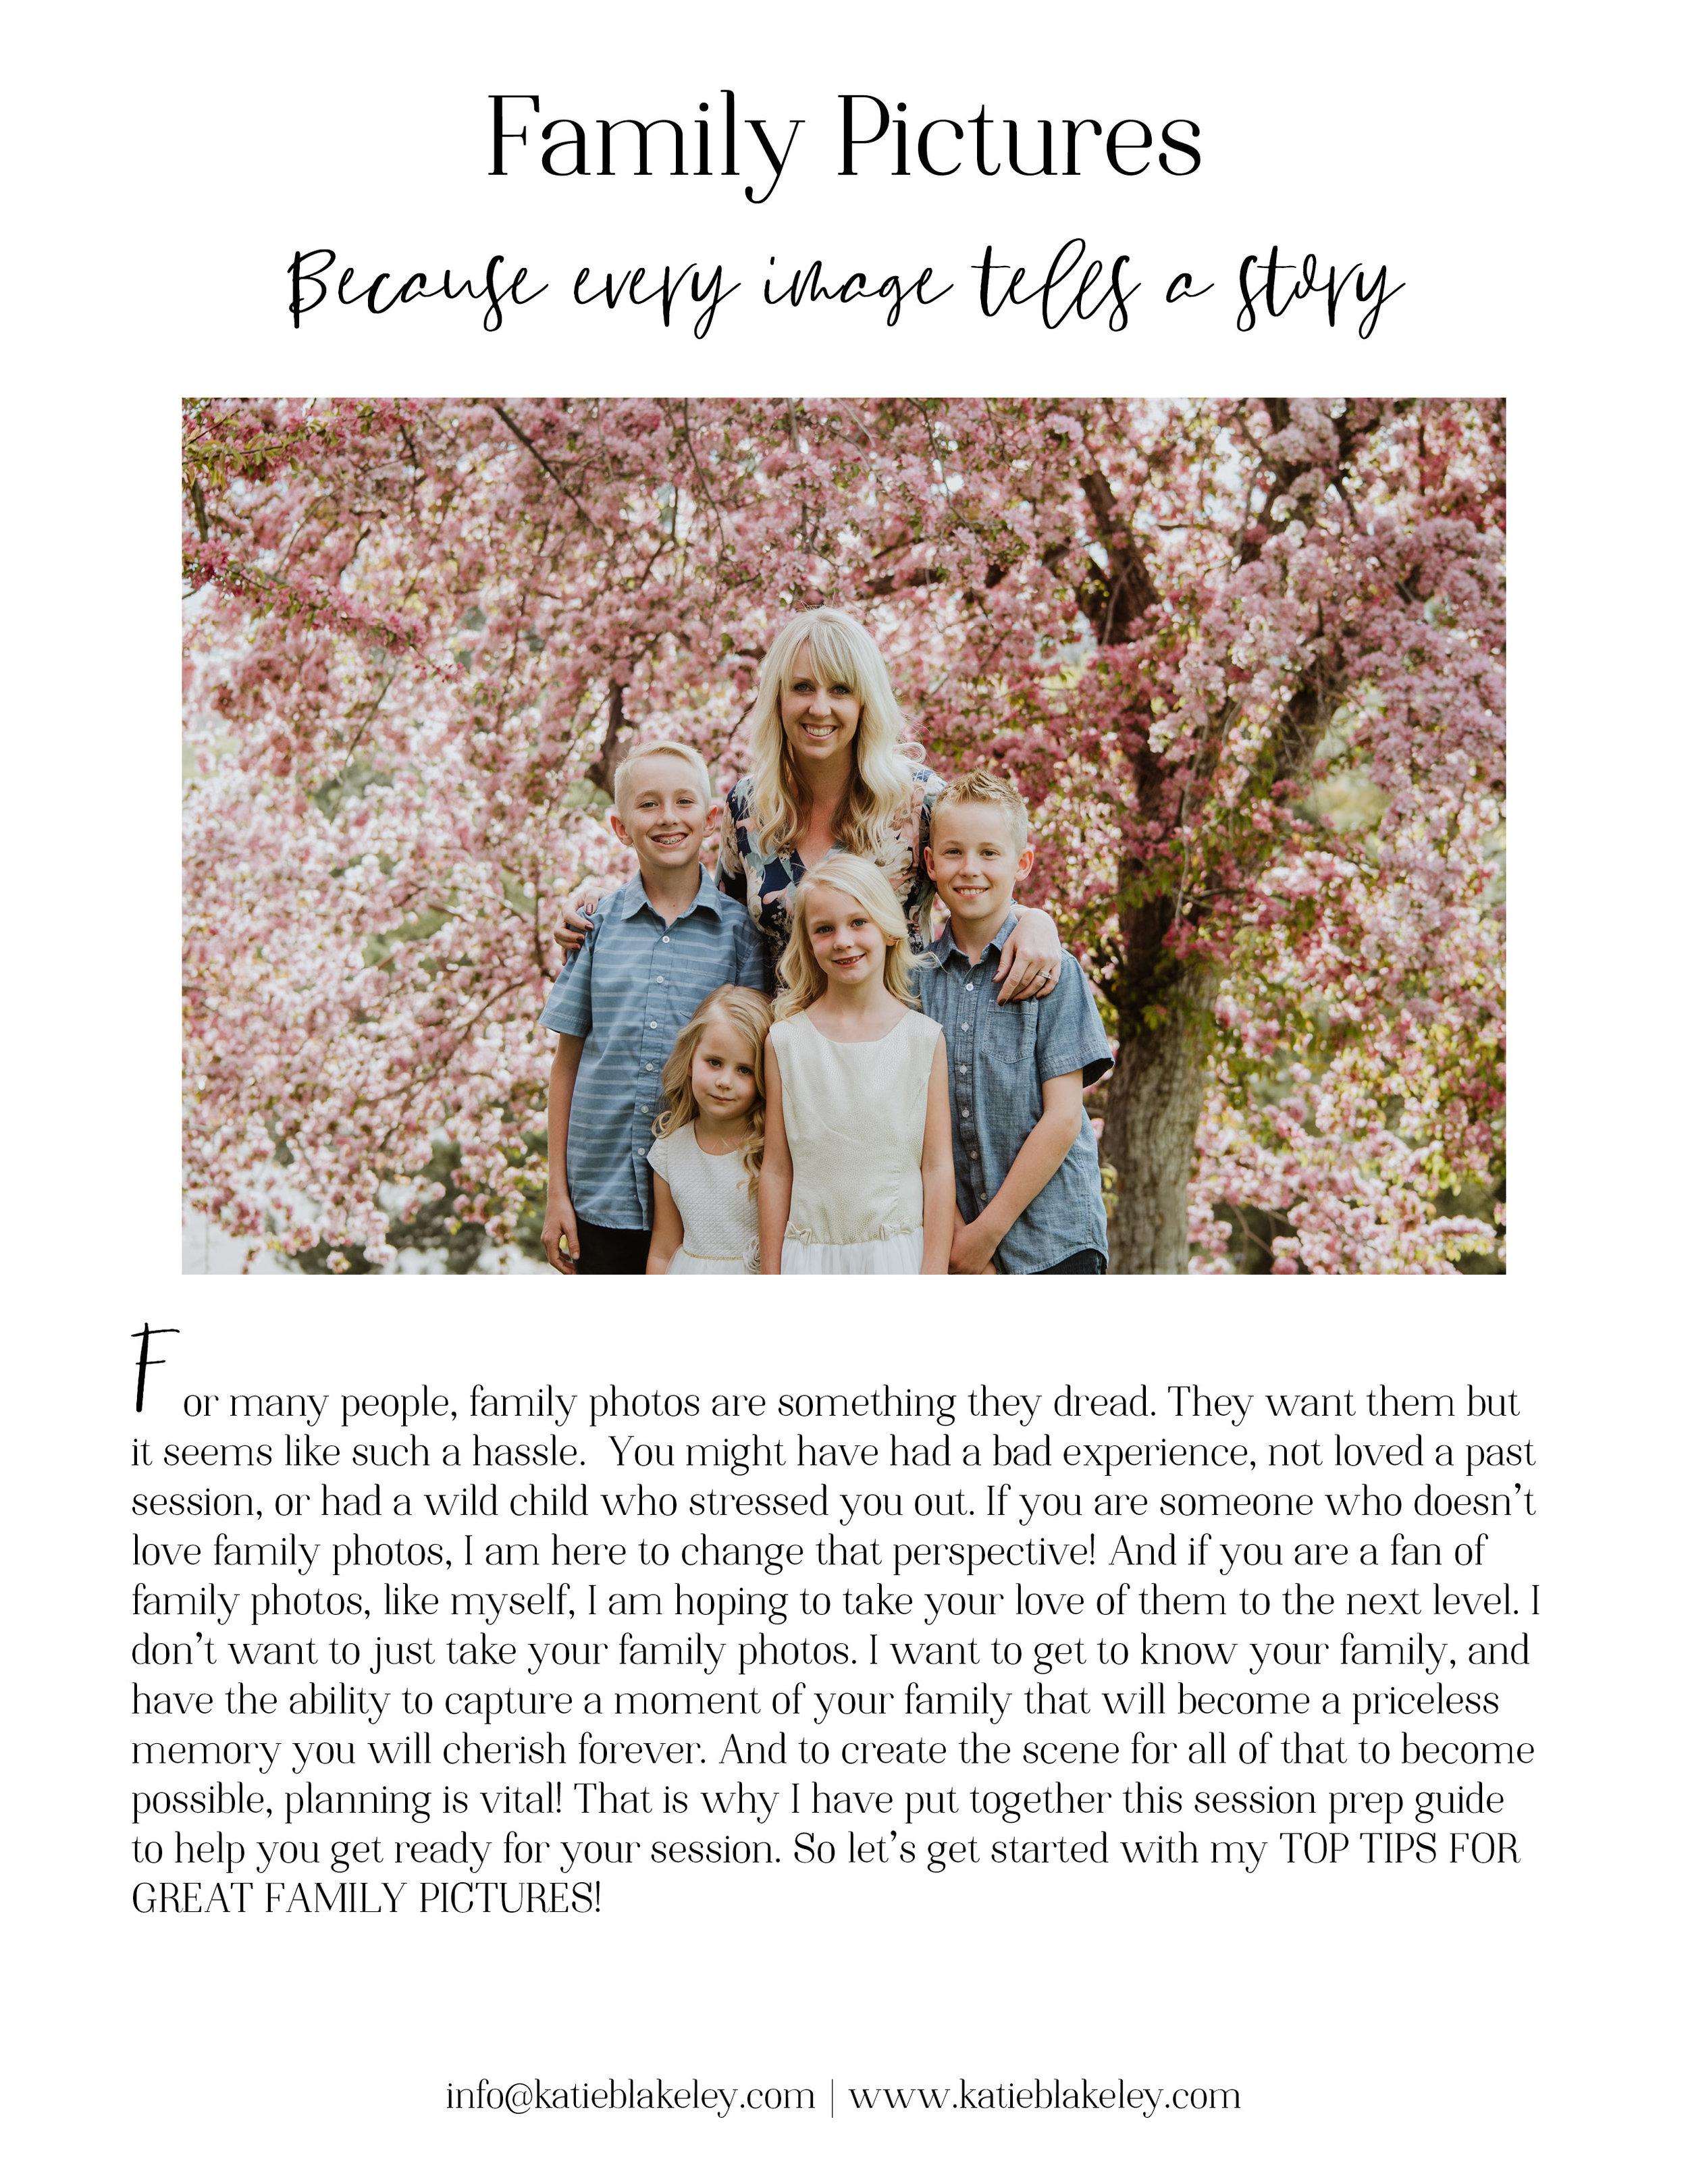 Family Session Prep Guide2.jpg